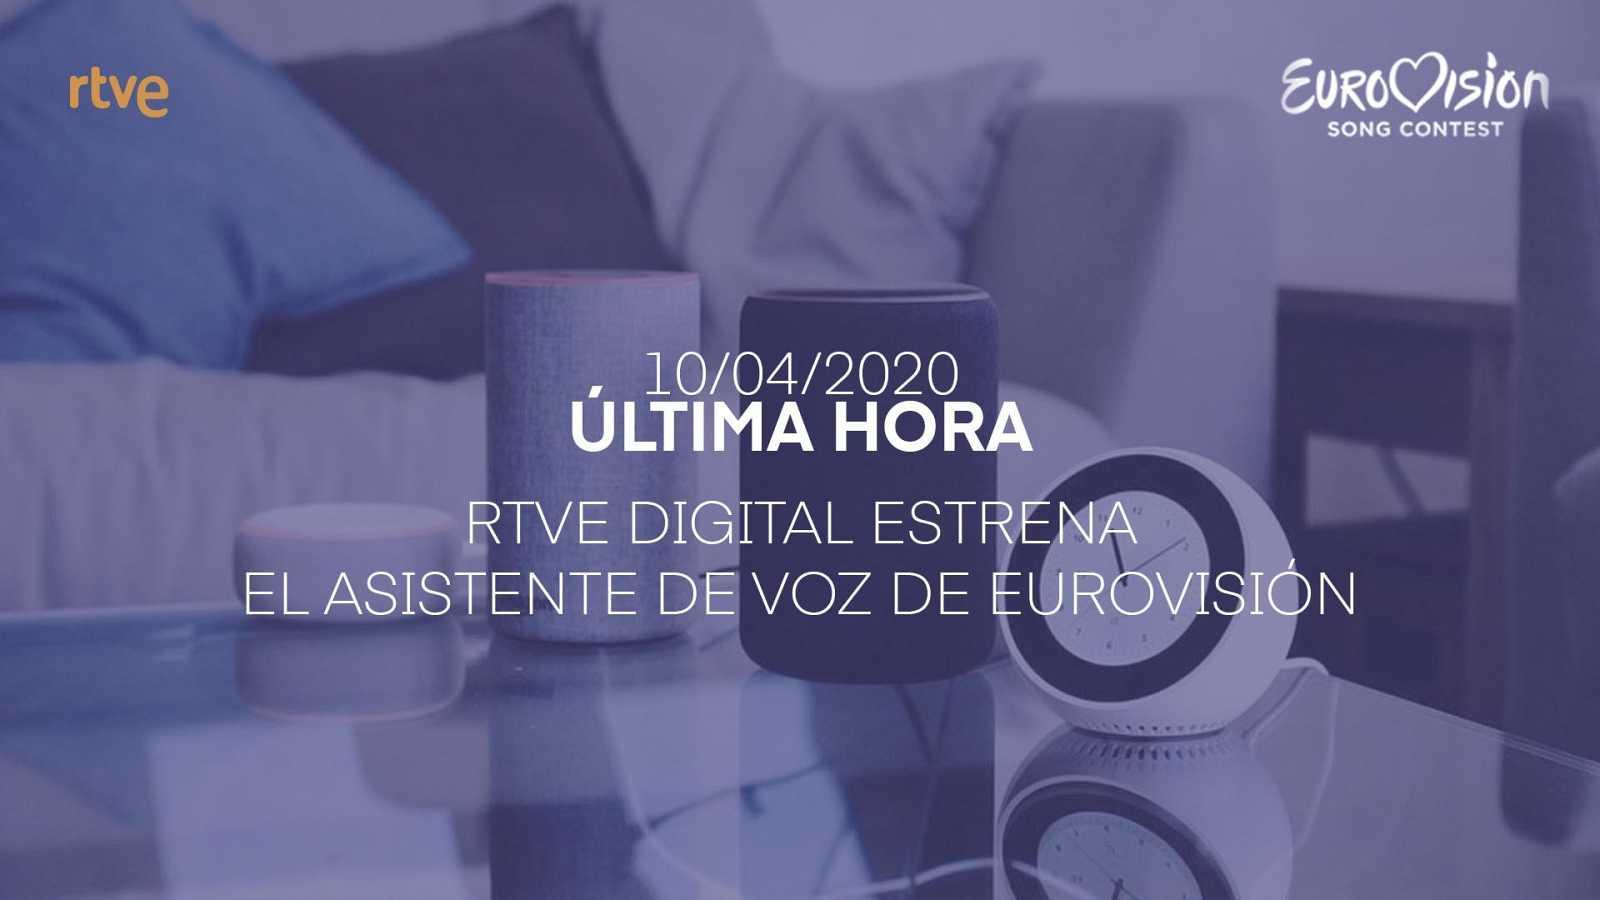 Eurovisión 2020 - RTVE Digital estrena el asistente de voz de Eurovisión RTVE